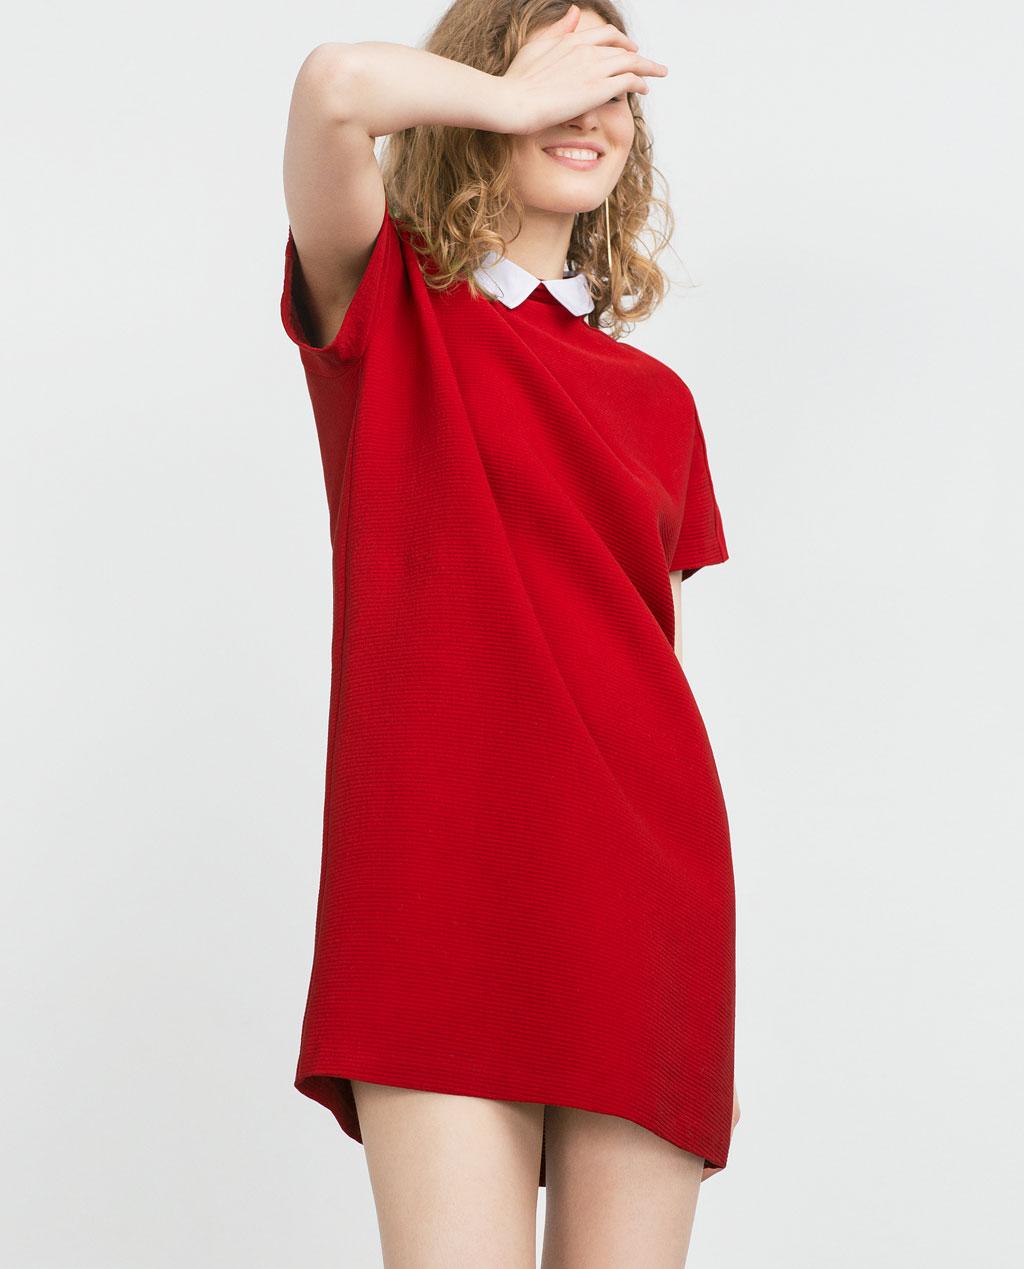 f7452d692c1c Abito rosso con colletto Zara primavera estate 2016